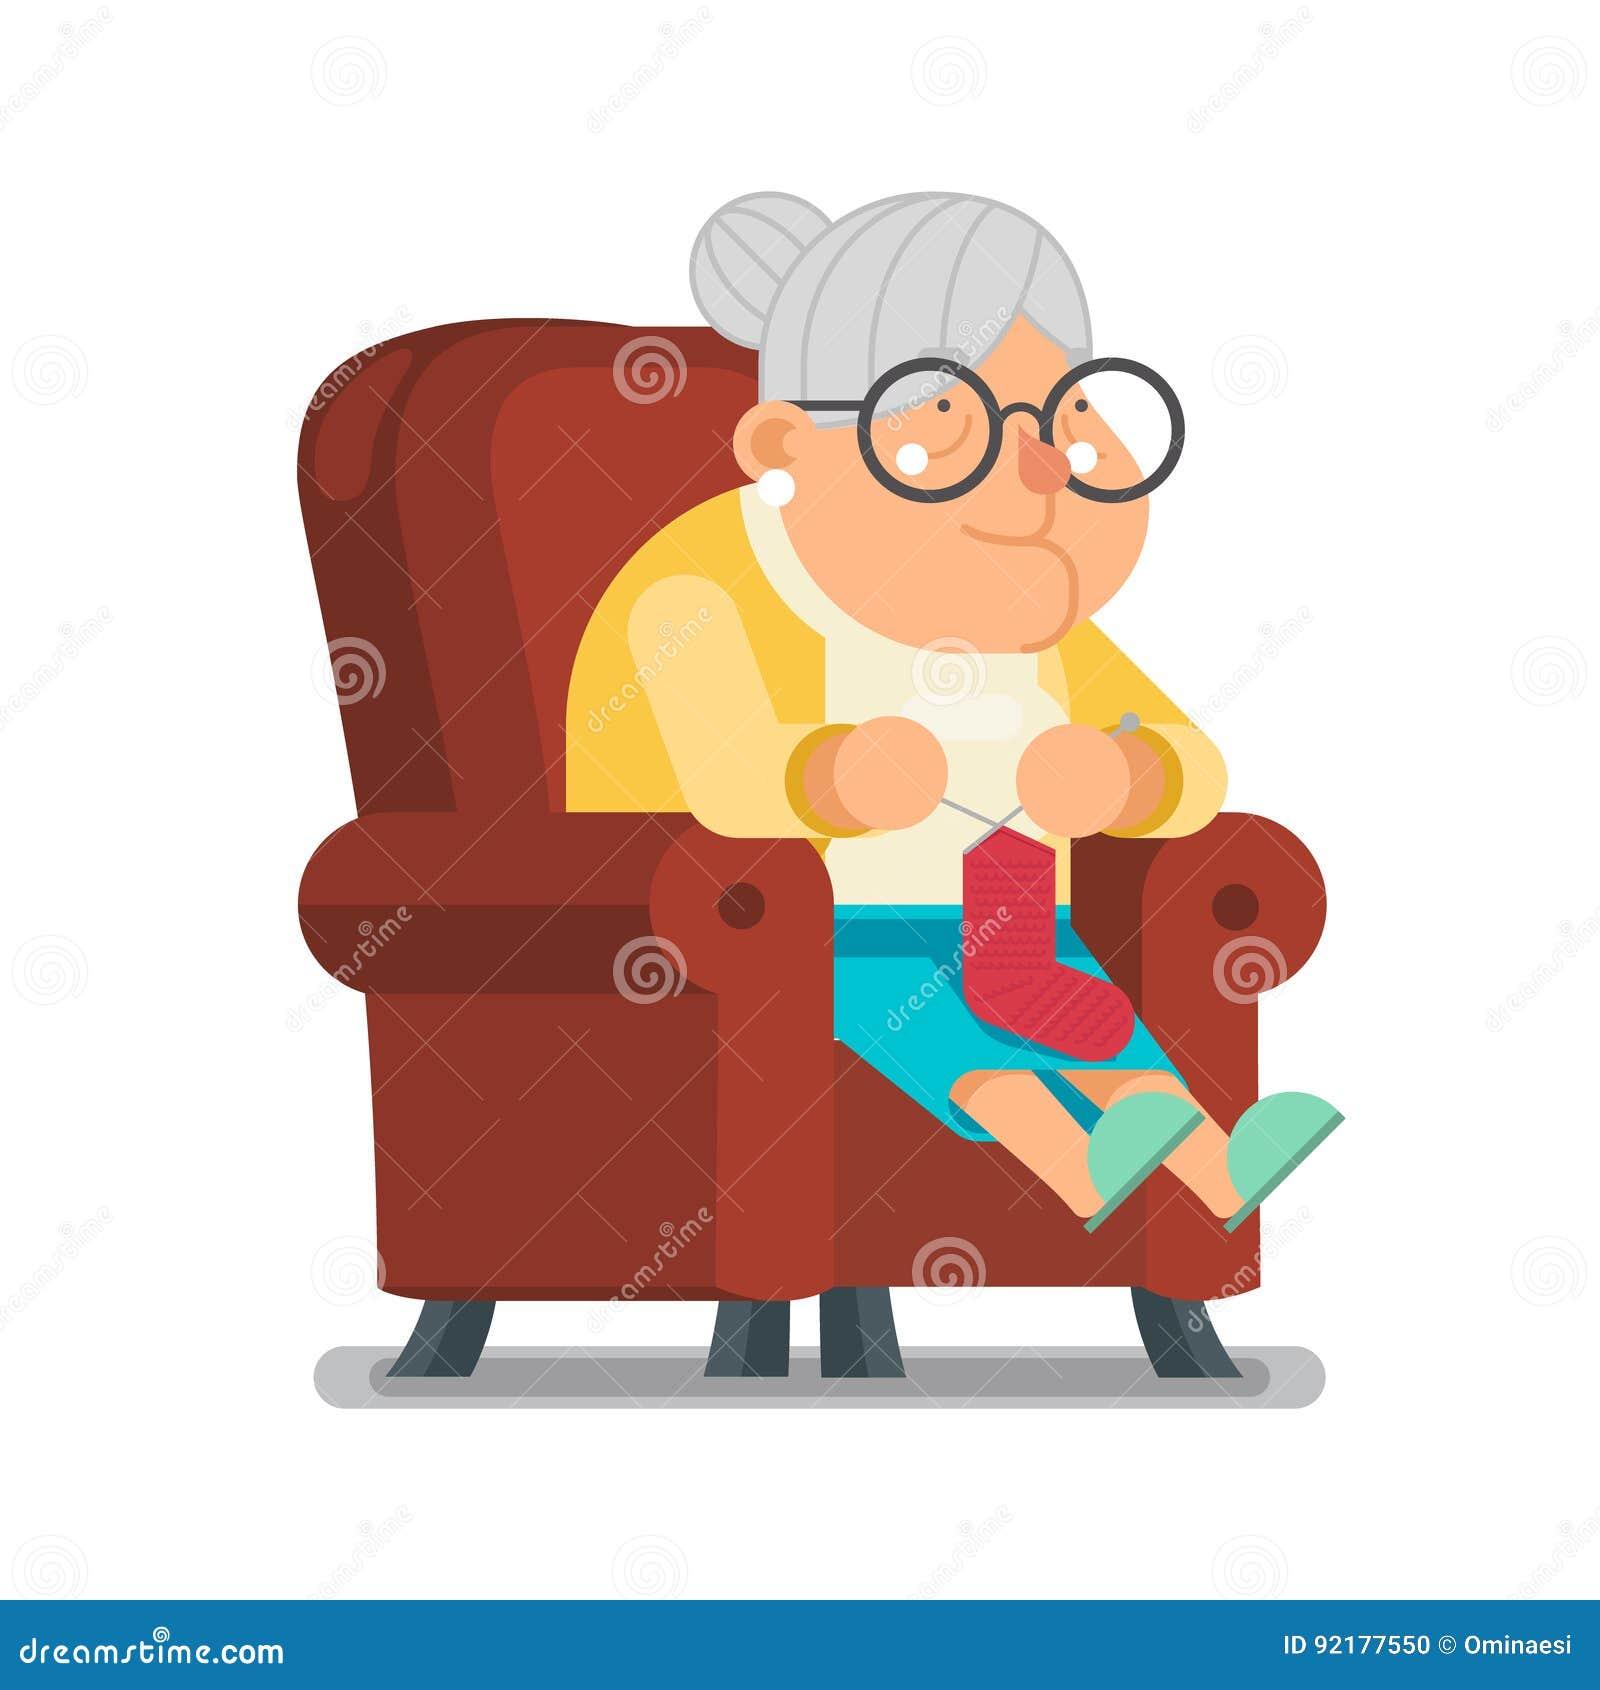 Stricken Sie Wollsocke für Enkelkind-Sit Rest Granny Old Lady-Charakter-Karikatur-flache Design-Vektorillustration